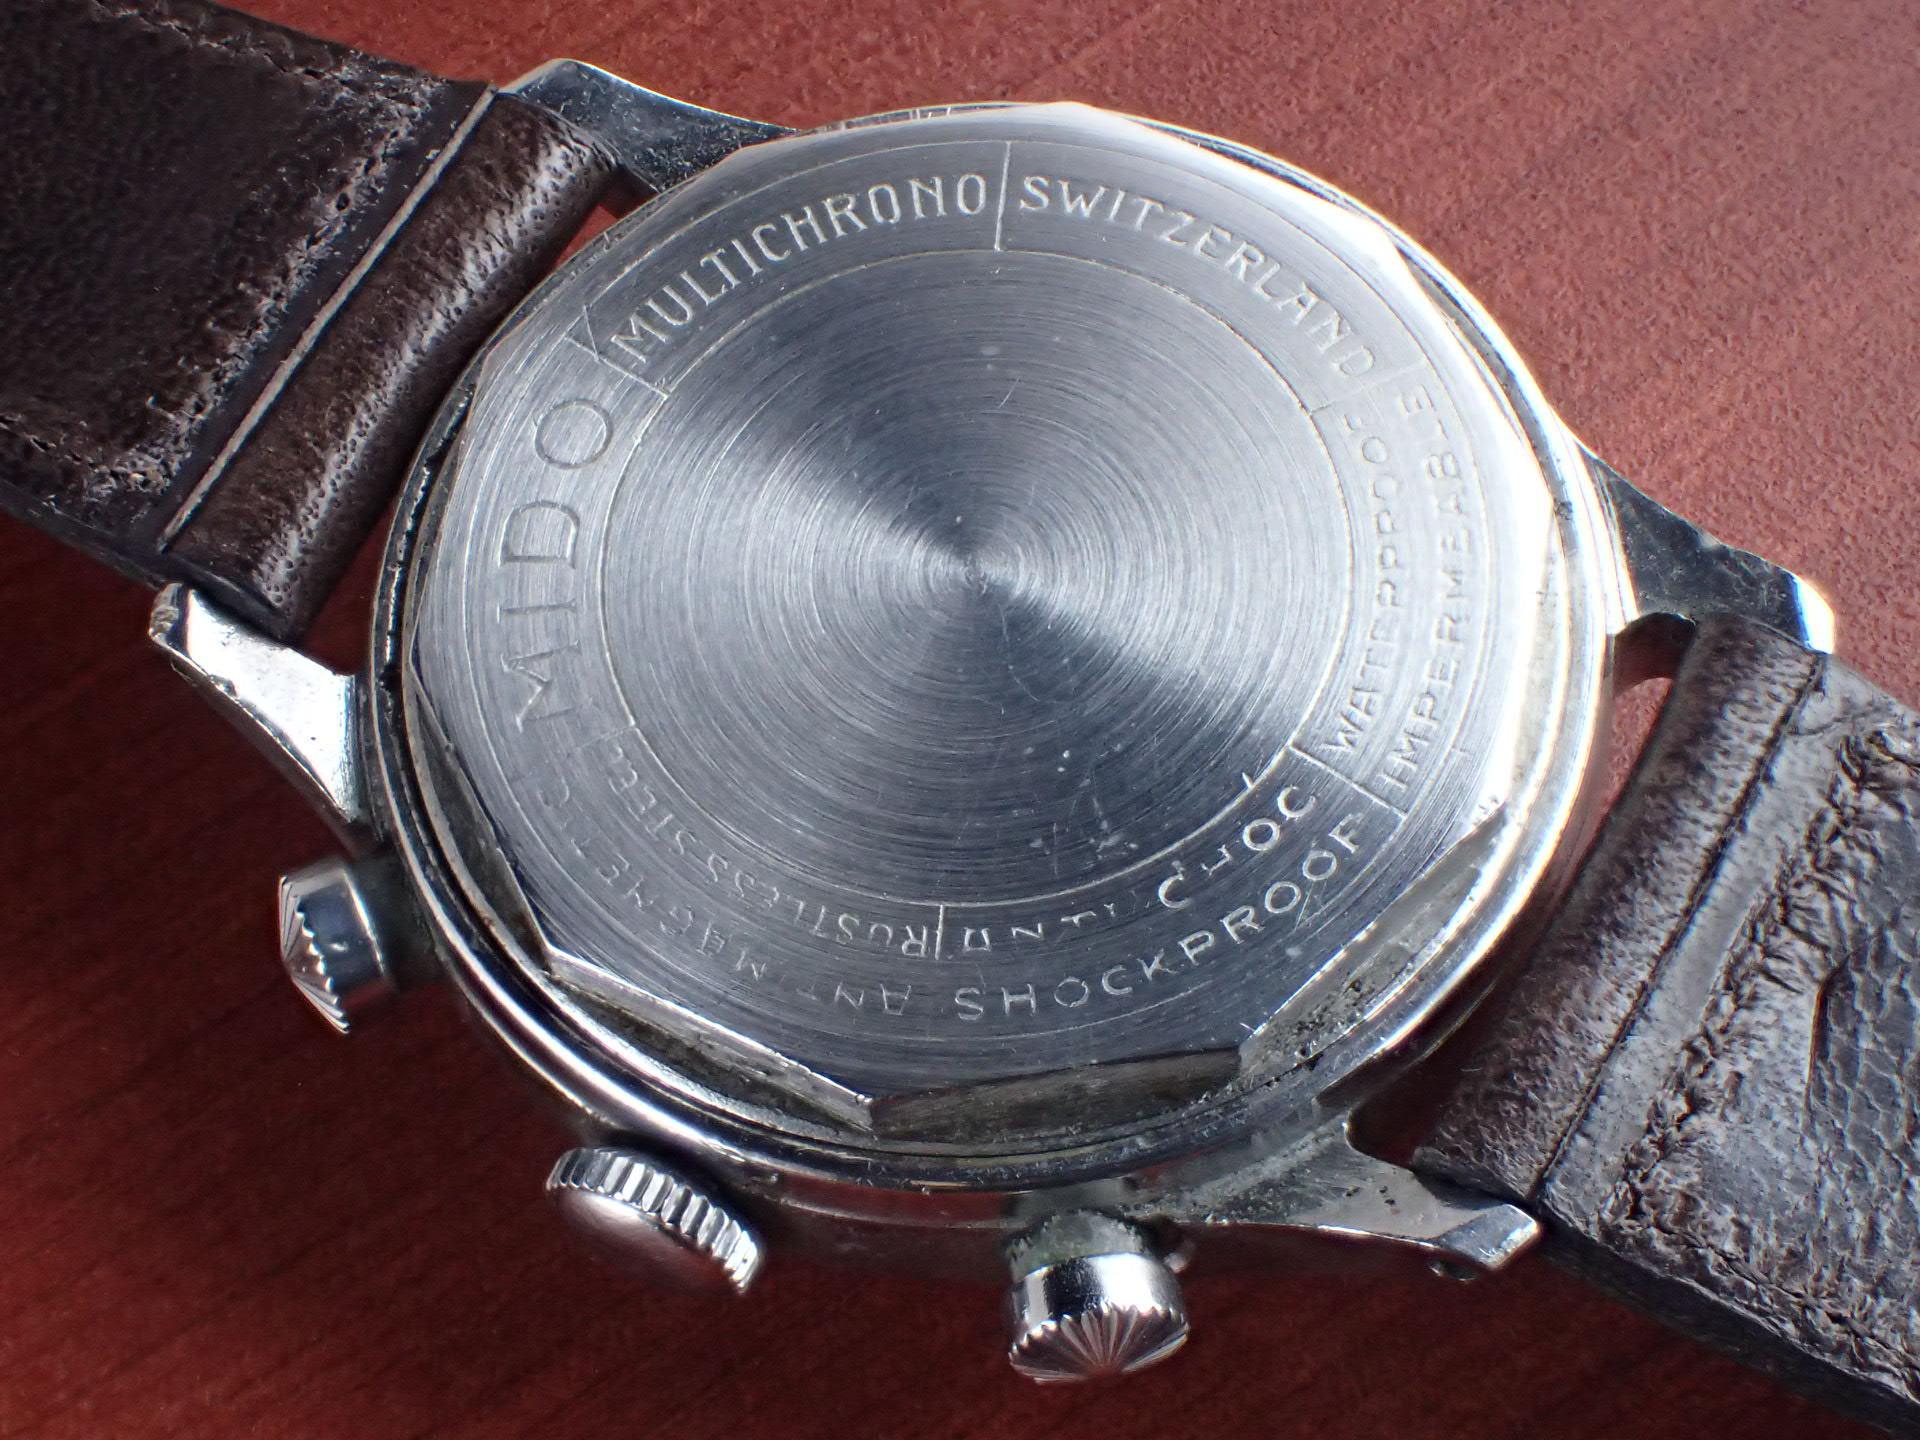 ミドー マルチクロノ Cal.Minerva 13-20CH ブラックダイアル 1940年代の写真4枚目